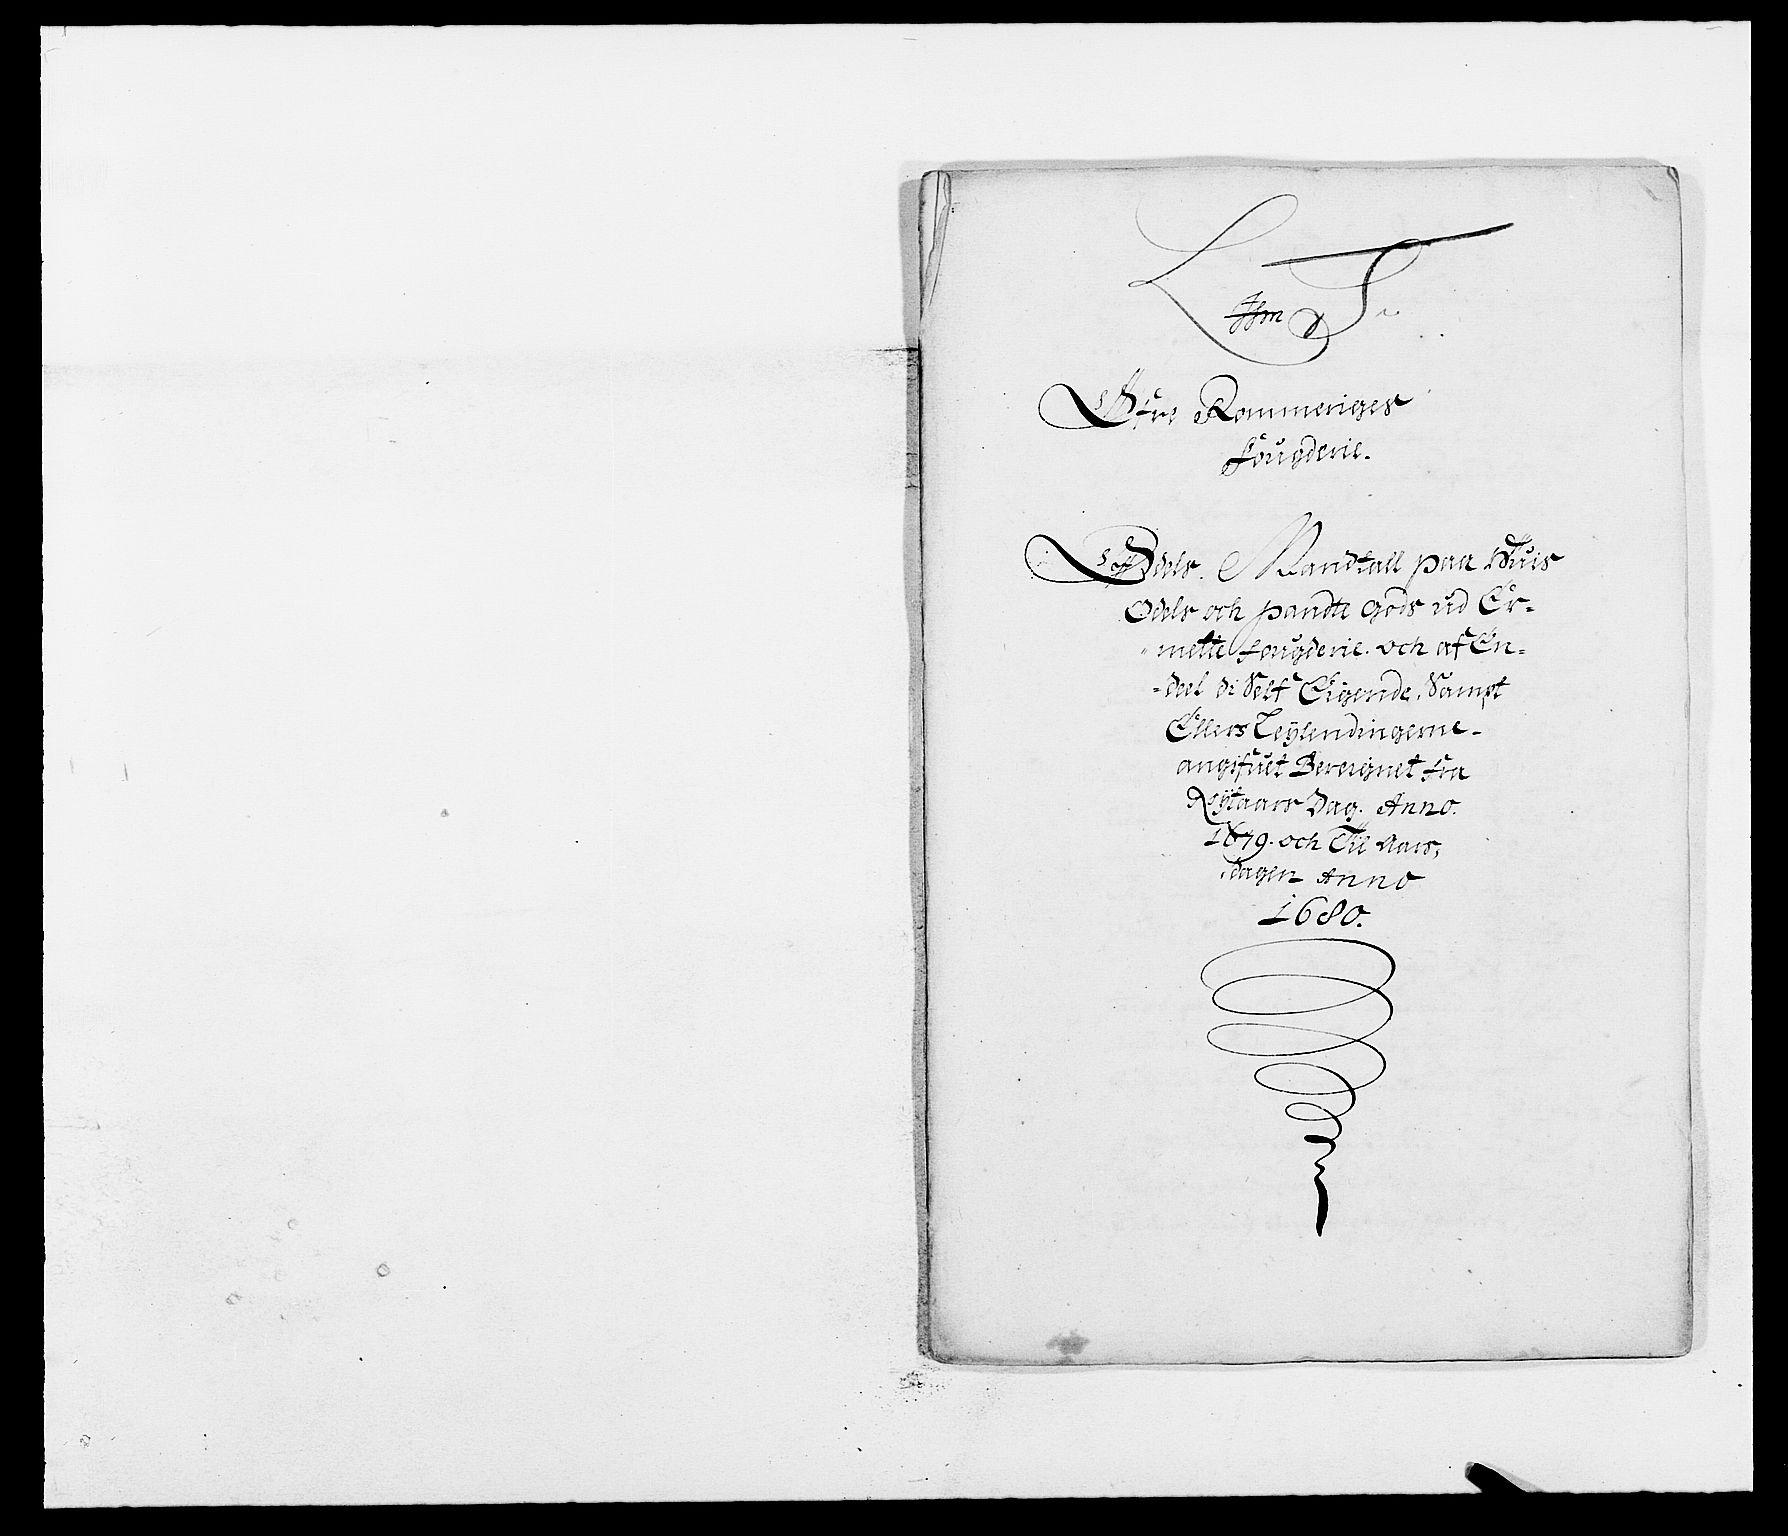 RA, Rentekammeret inntil 1814, Reviderte regnskaper, Fogderegnskap, R12/L0694: Fogderegnskap Øvre Romerike, 1678-1679, s. 125